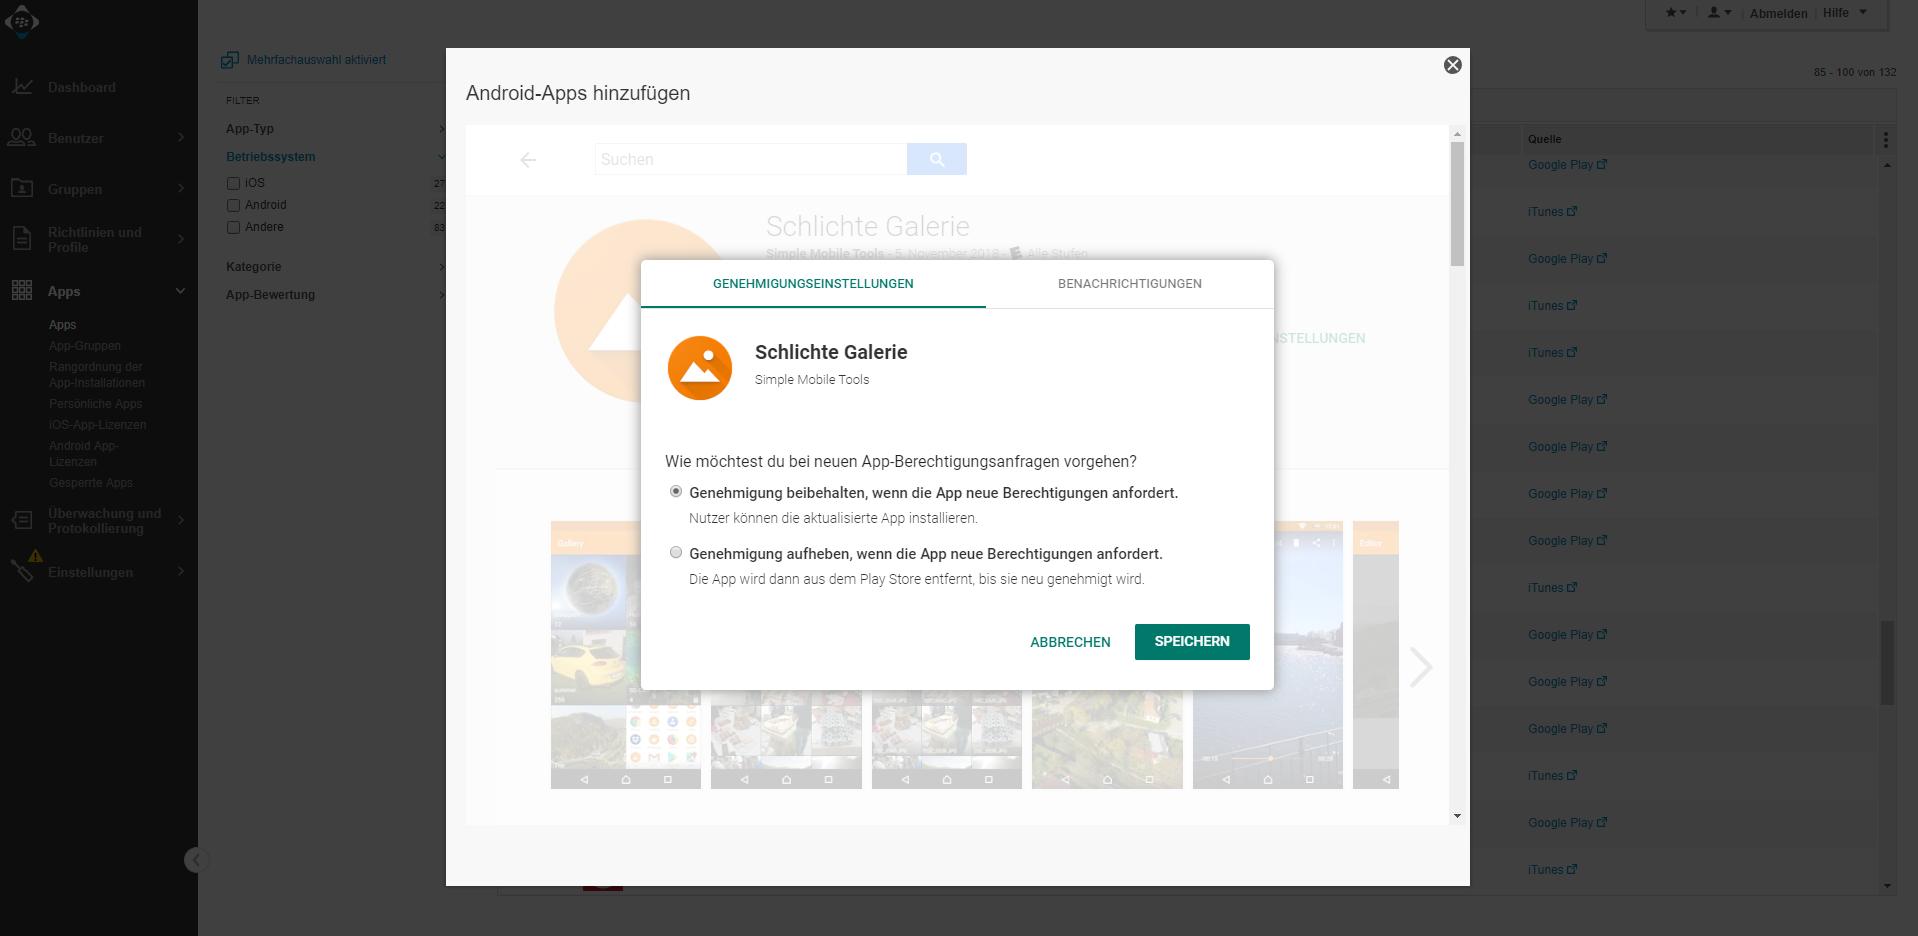 Android Apps: Apps können einfacher zum UEM hinzugefügt werden und Entwicklerkonto fällt bald weg